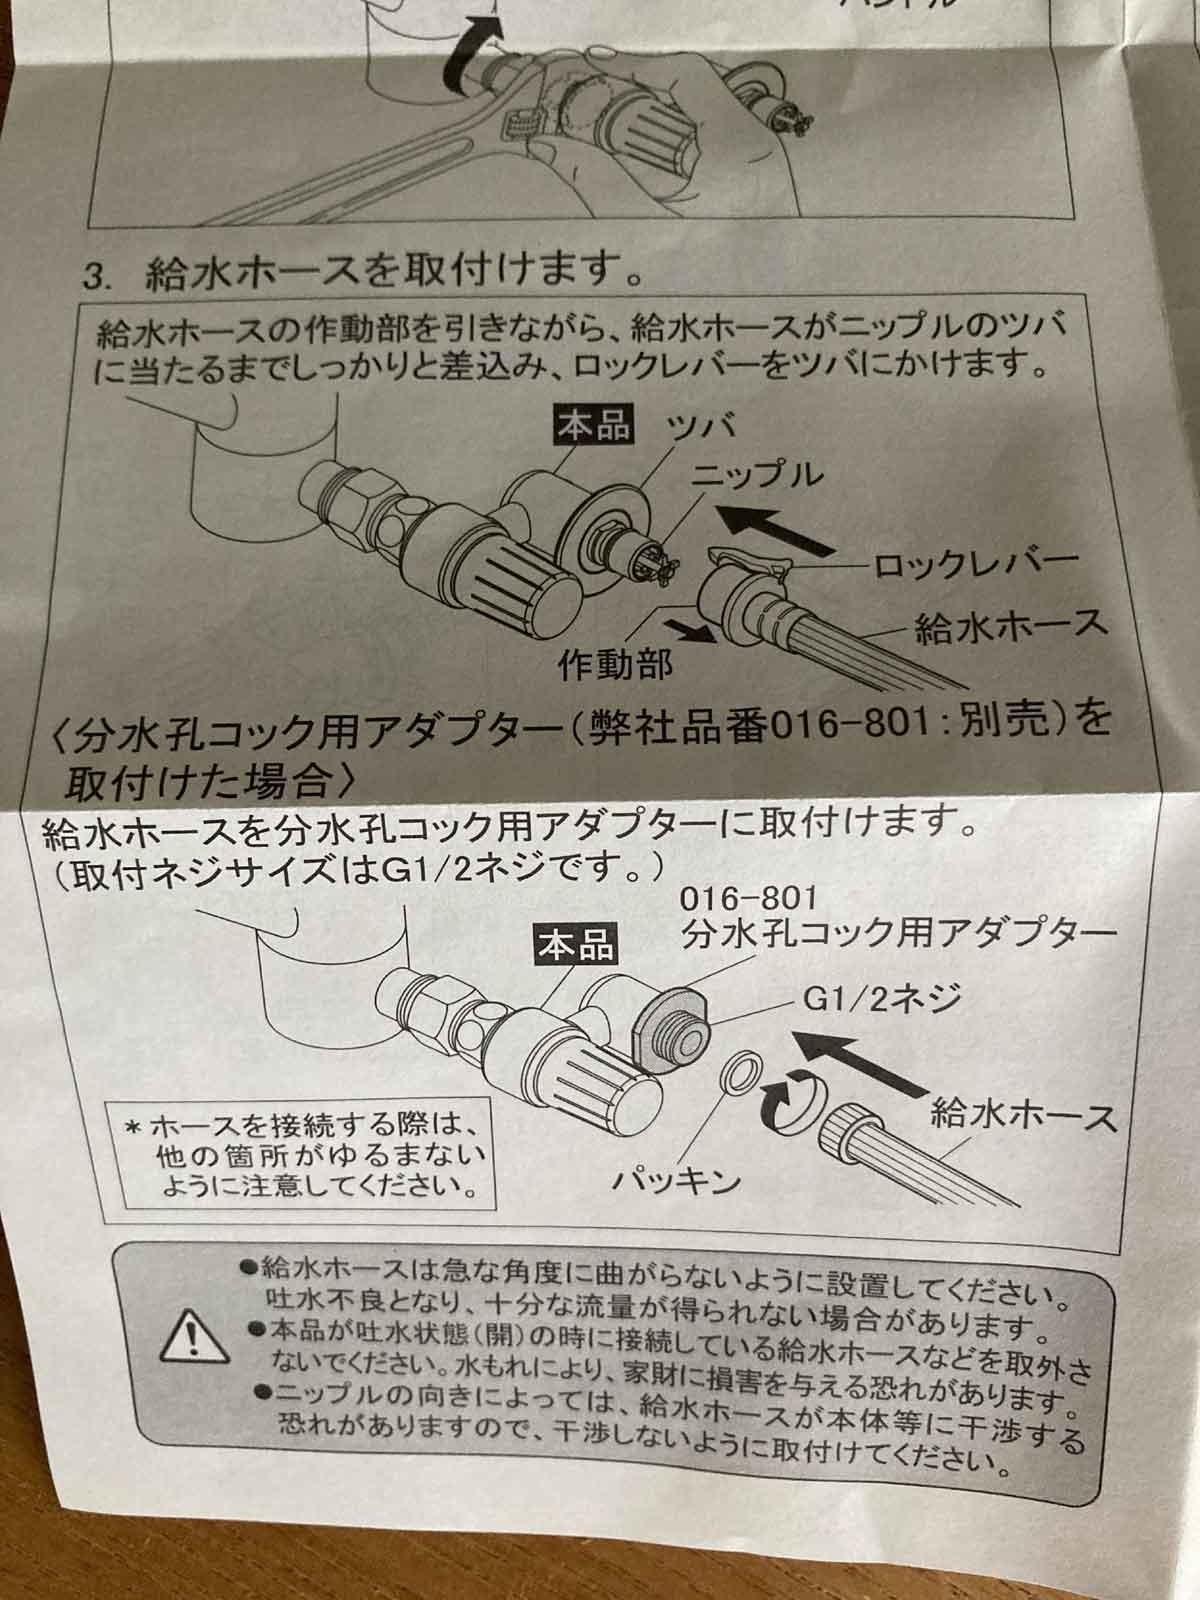 G1/2口金に変更